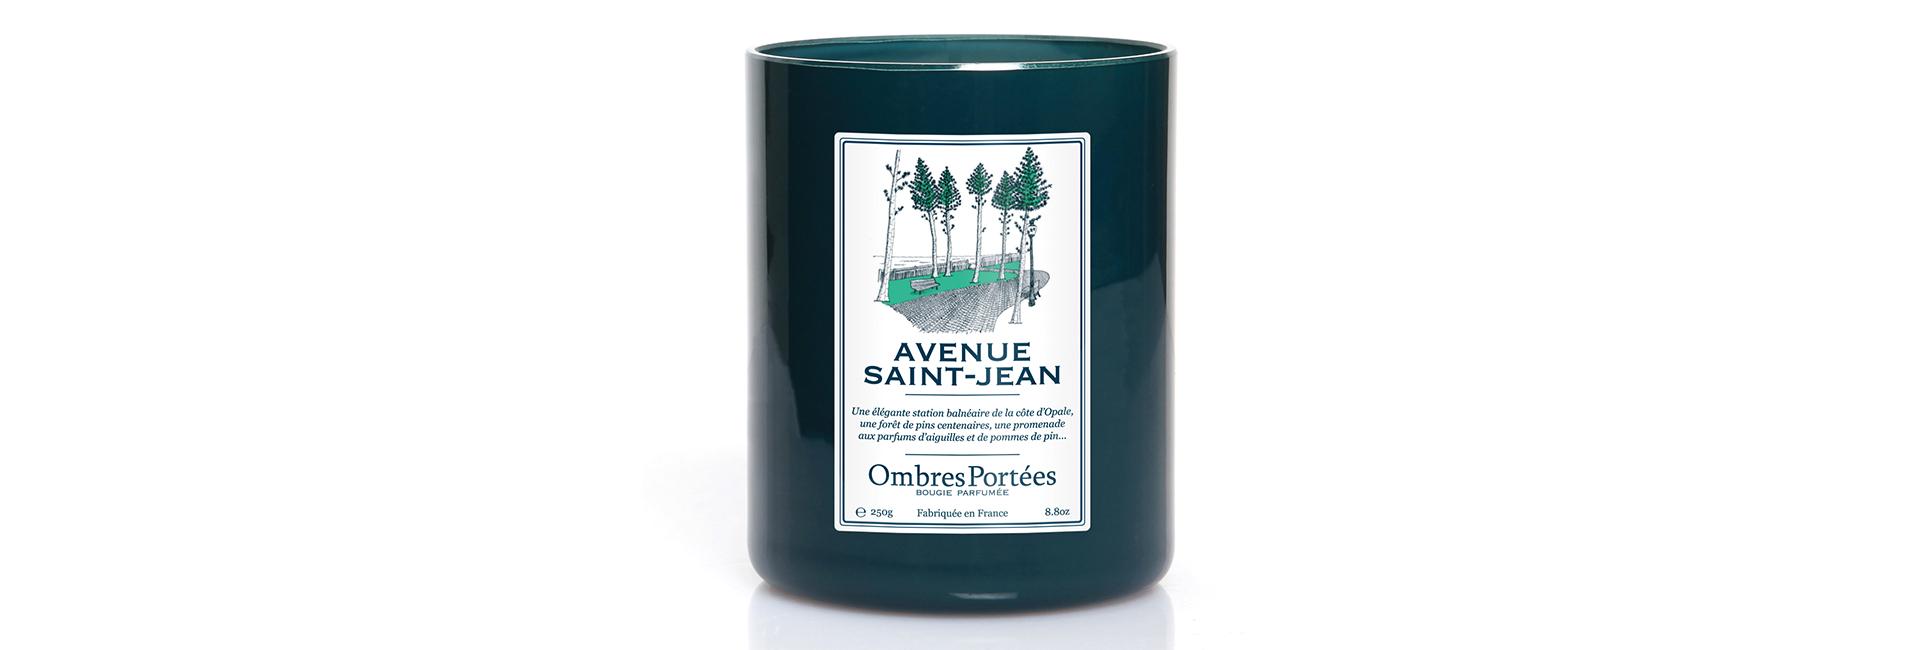 bougie-ombres-portées-avenue-saint-jean-blog-beaute-soin-parfum-homme